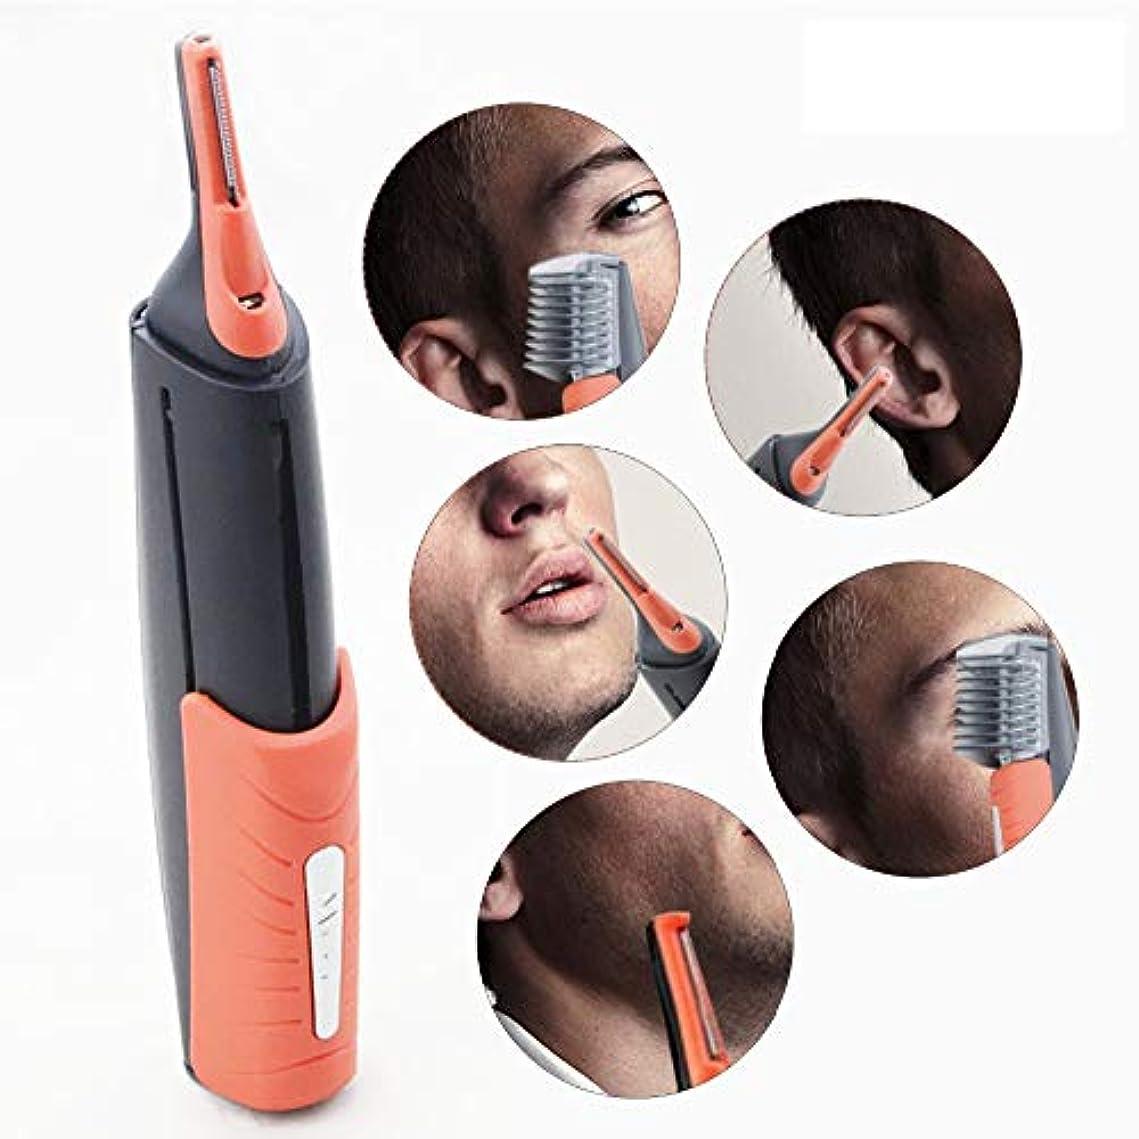 六分儀くつろぎ申請中ミニチュア精密鼻毛トリマー、脱毛剤、カミソリ、ユニセックス、パーソナル電気フェイシャルトリートメント、LEDライト付き